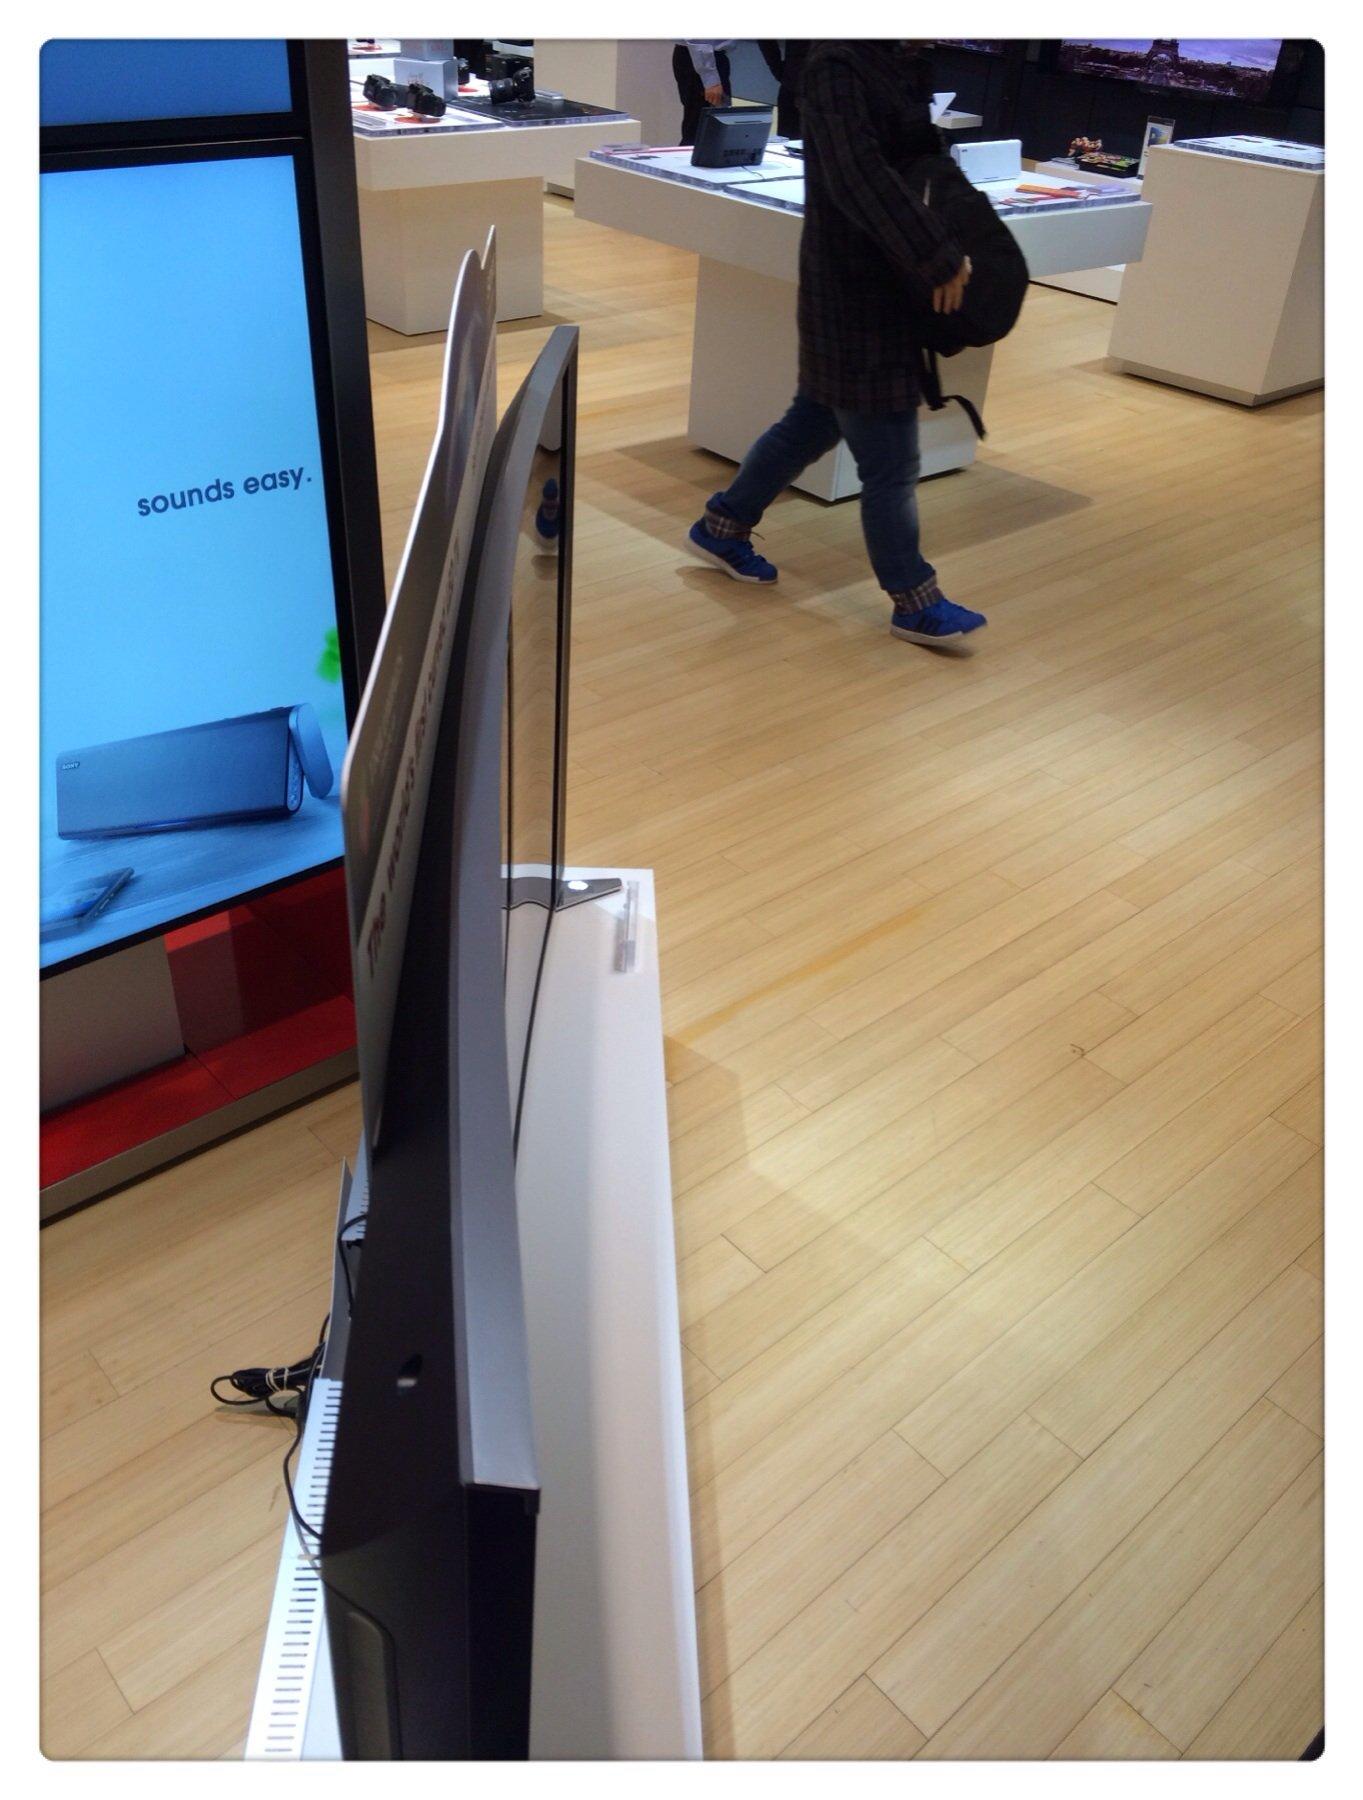 大家液晶电视买的啥牌子的啊。创维和长虹哪个